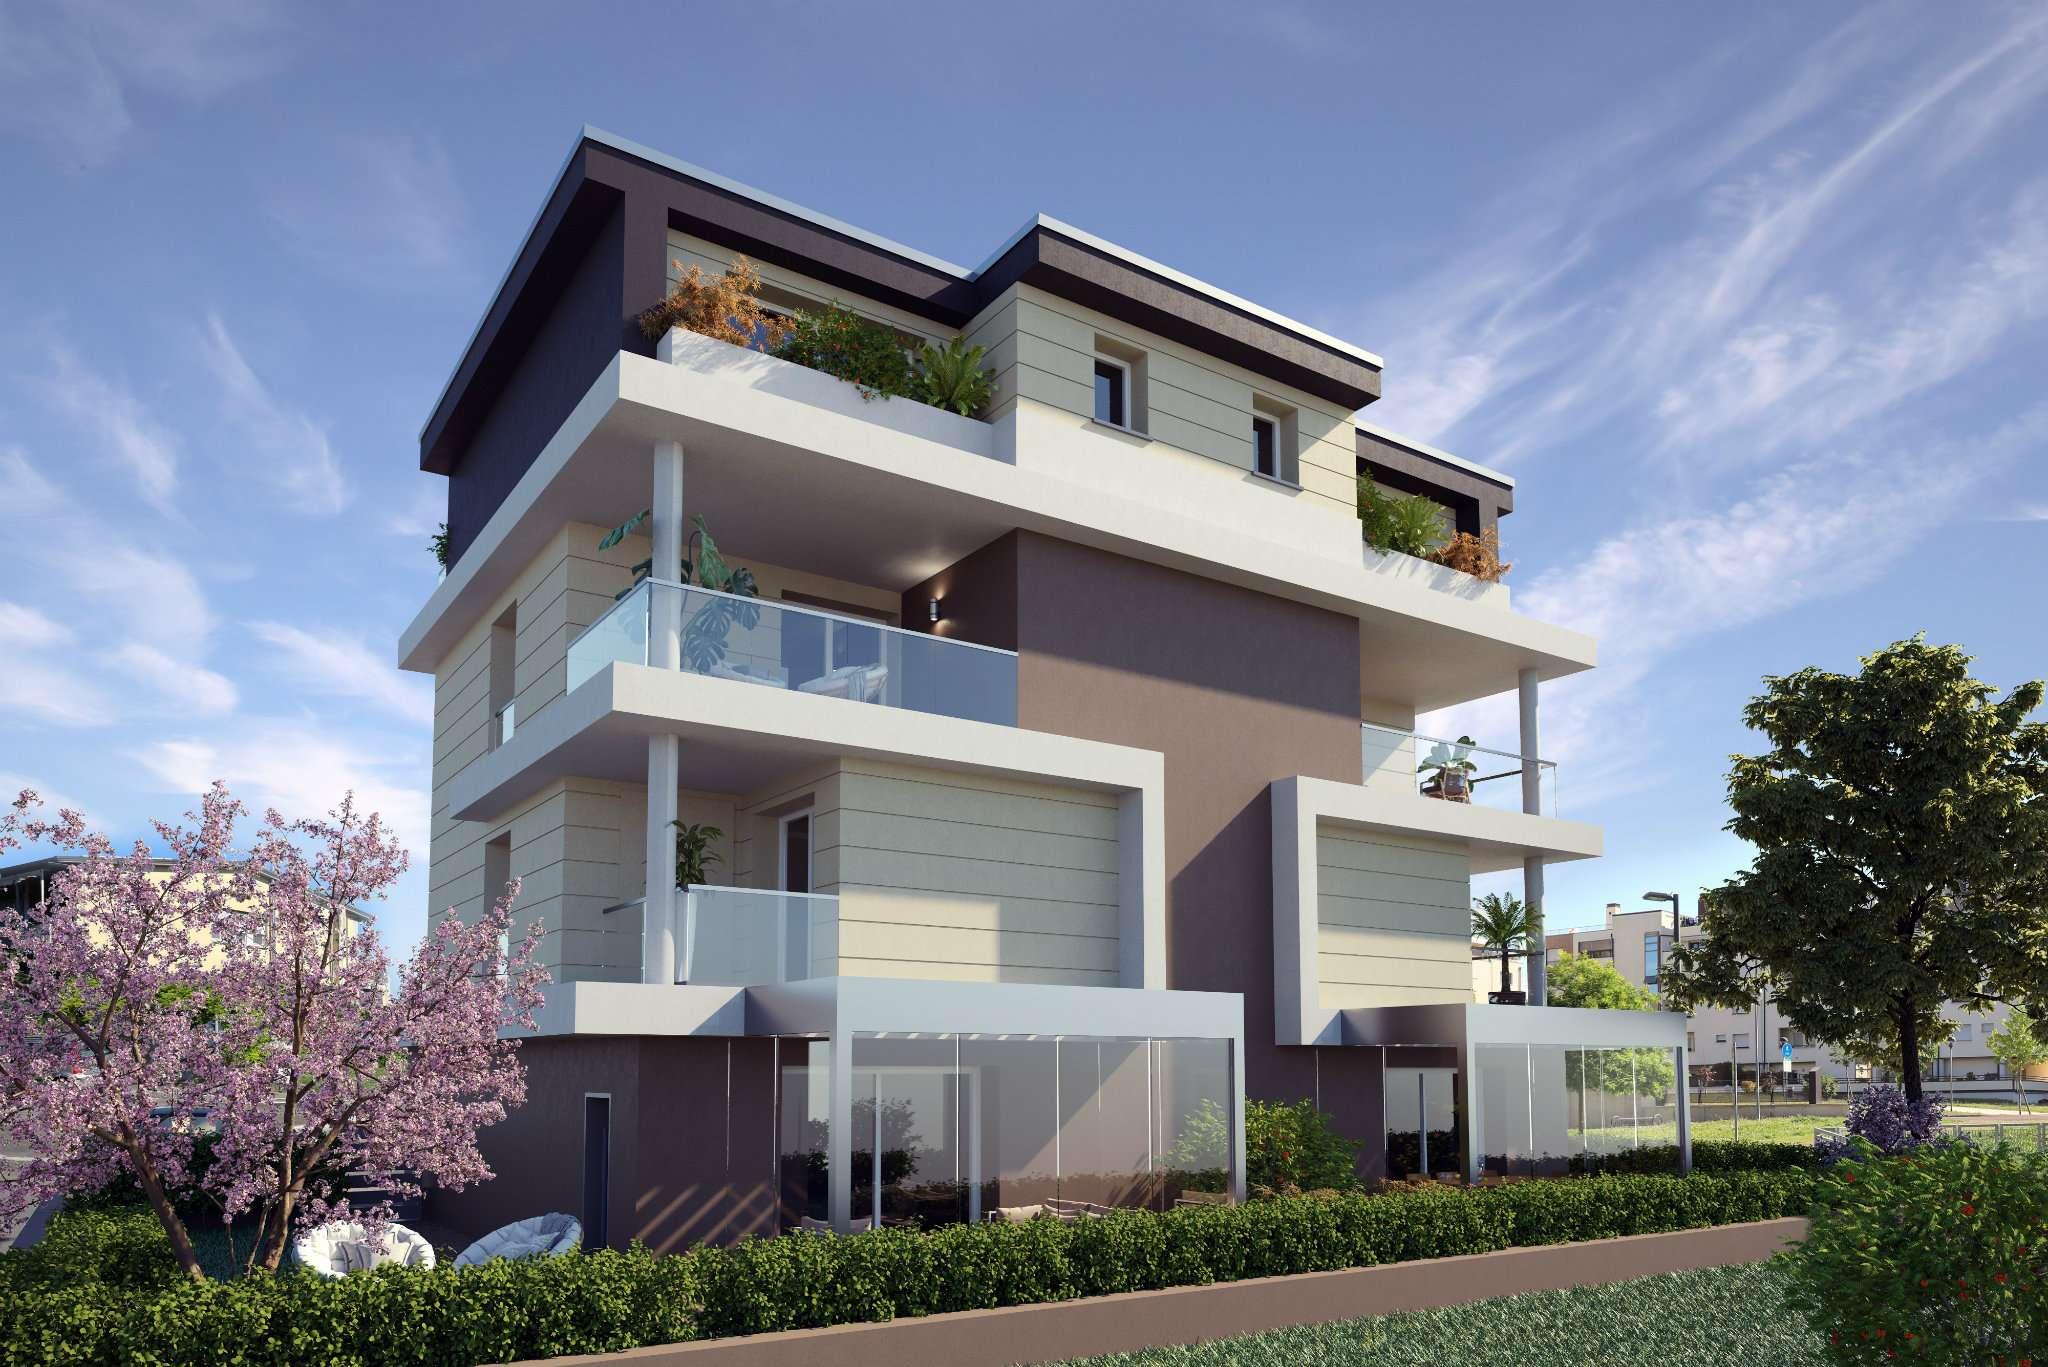 Appartamento in vendita a Castel Maggiore, 3 locali, prezzo € 340.000 | CambioCasa.it